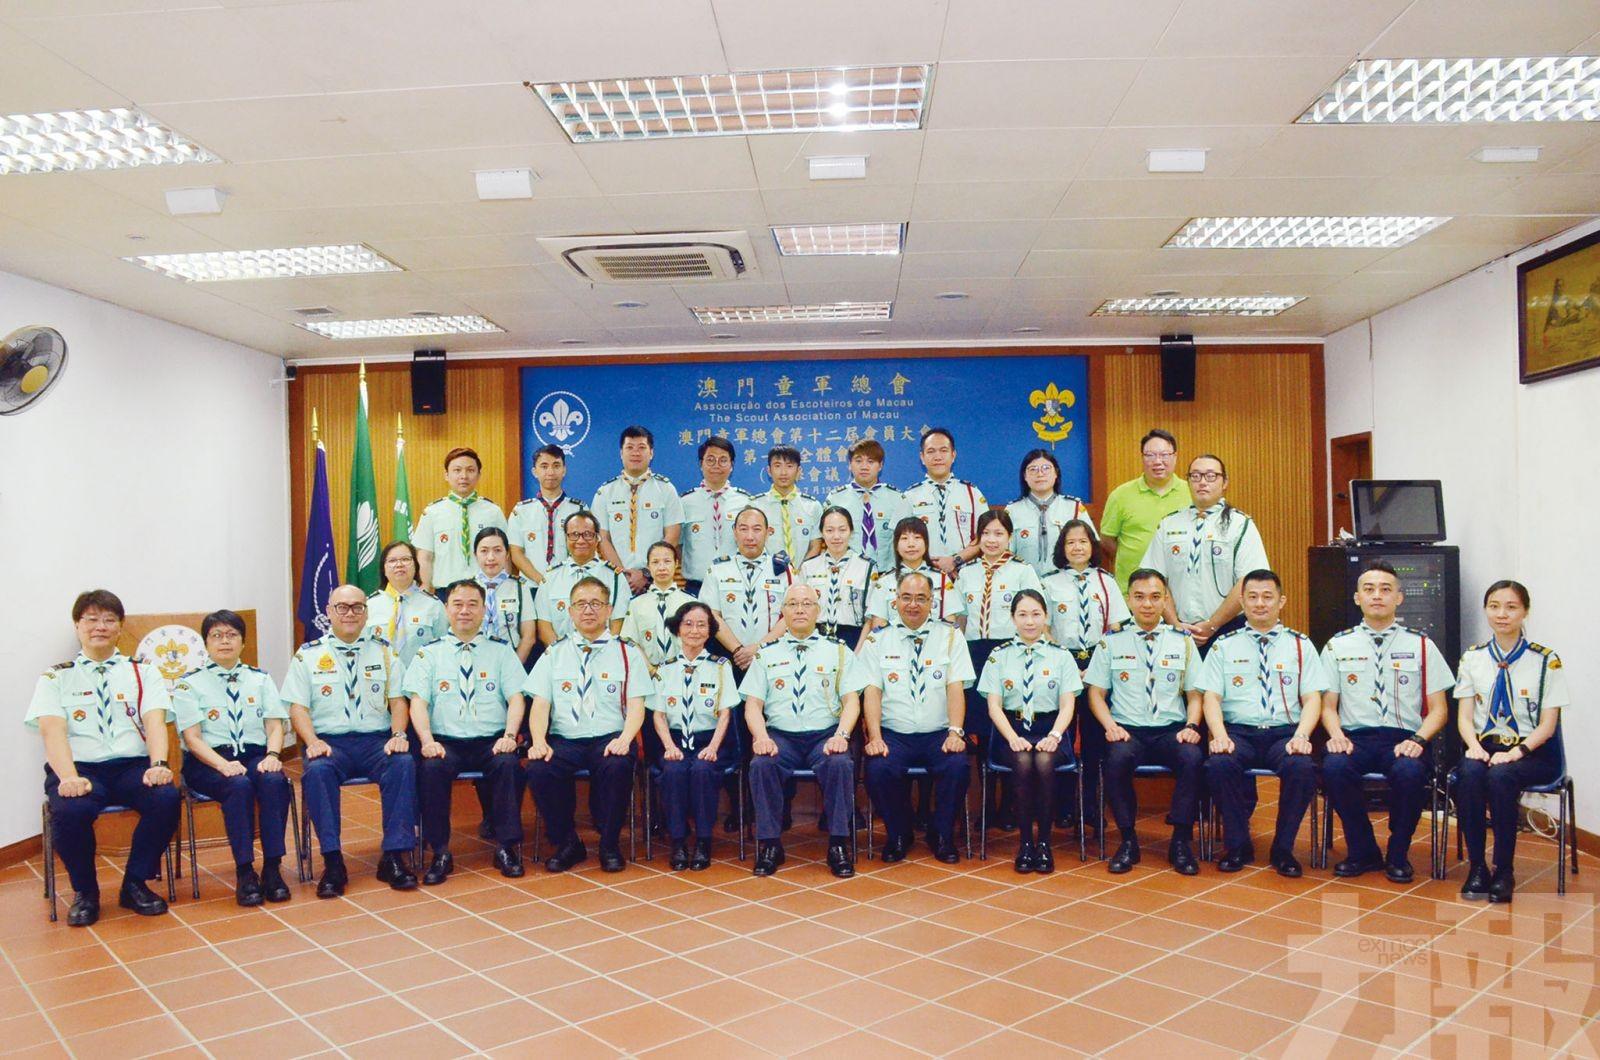 選出第12屆領導機構成員